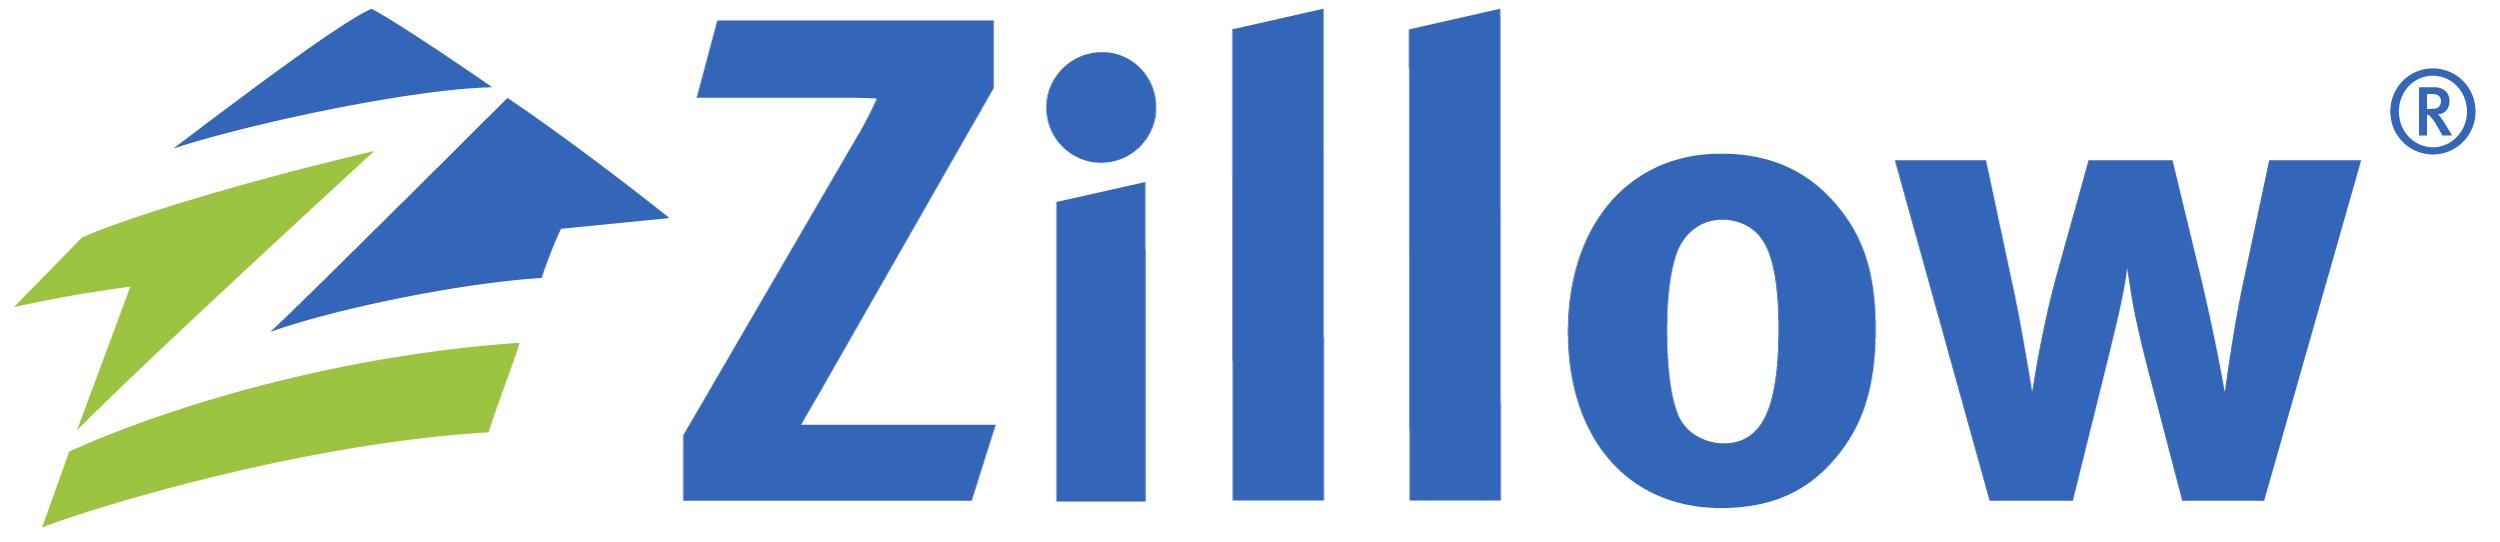 Zillow Mediaroom Logos